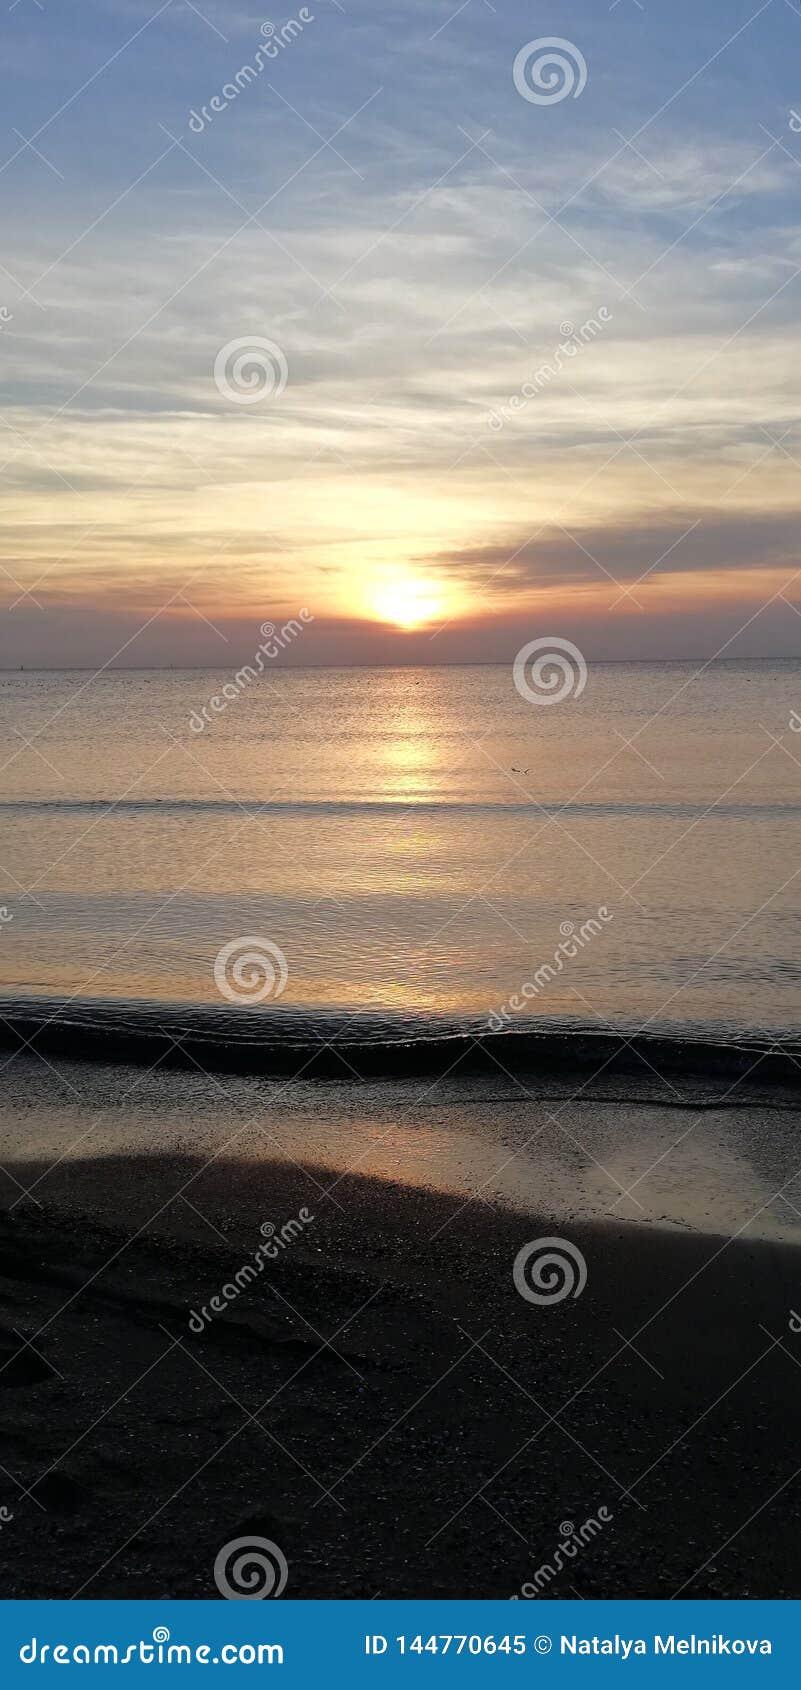 Havssolnedg?ngen landskap Sol- bana p? v?gorna som rullar p? den sandiga stranden